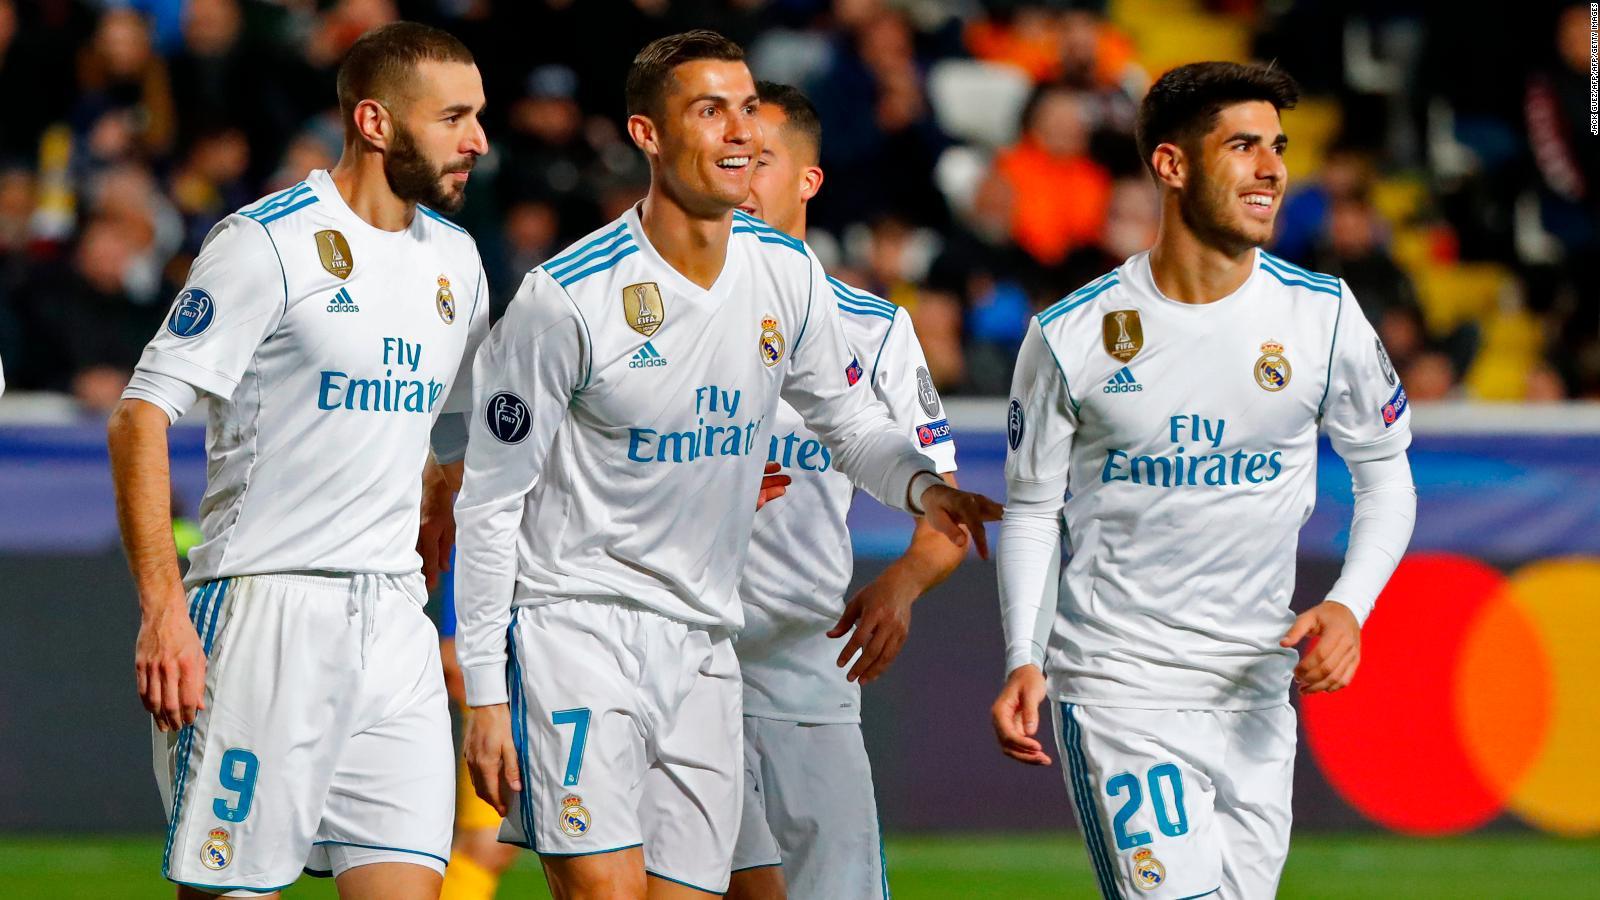 """Résultat de recherche d'images pour """"ligue des champions real madrid 2018"""""""